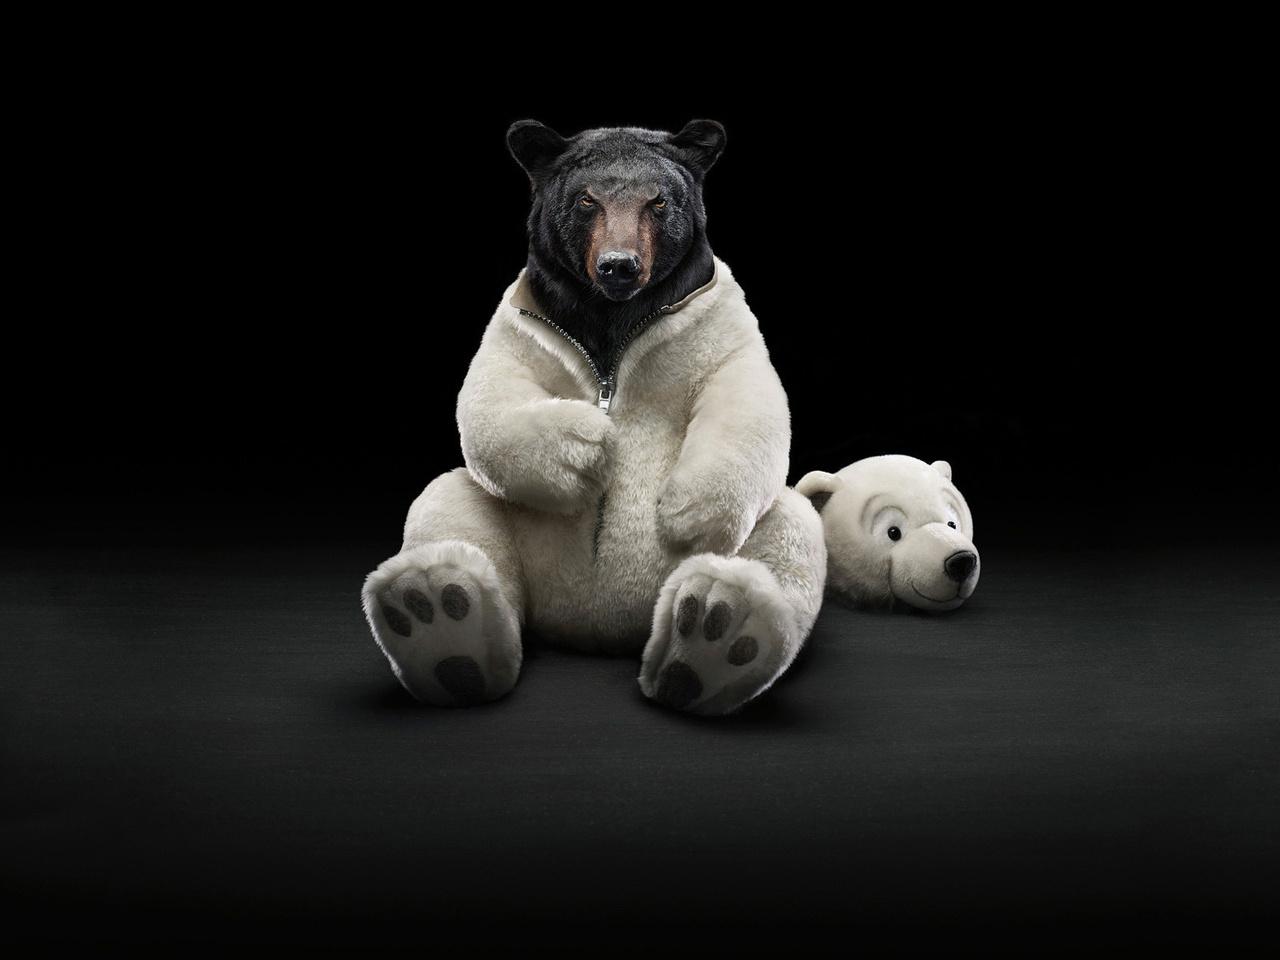 черный, белый медведь, фото, обои для рабочего стола, костюм белого медведя